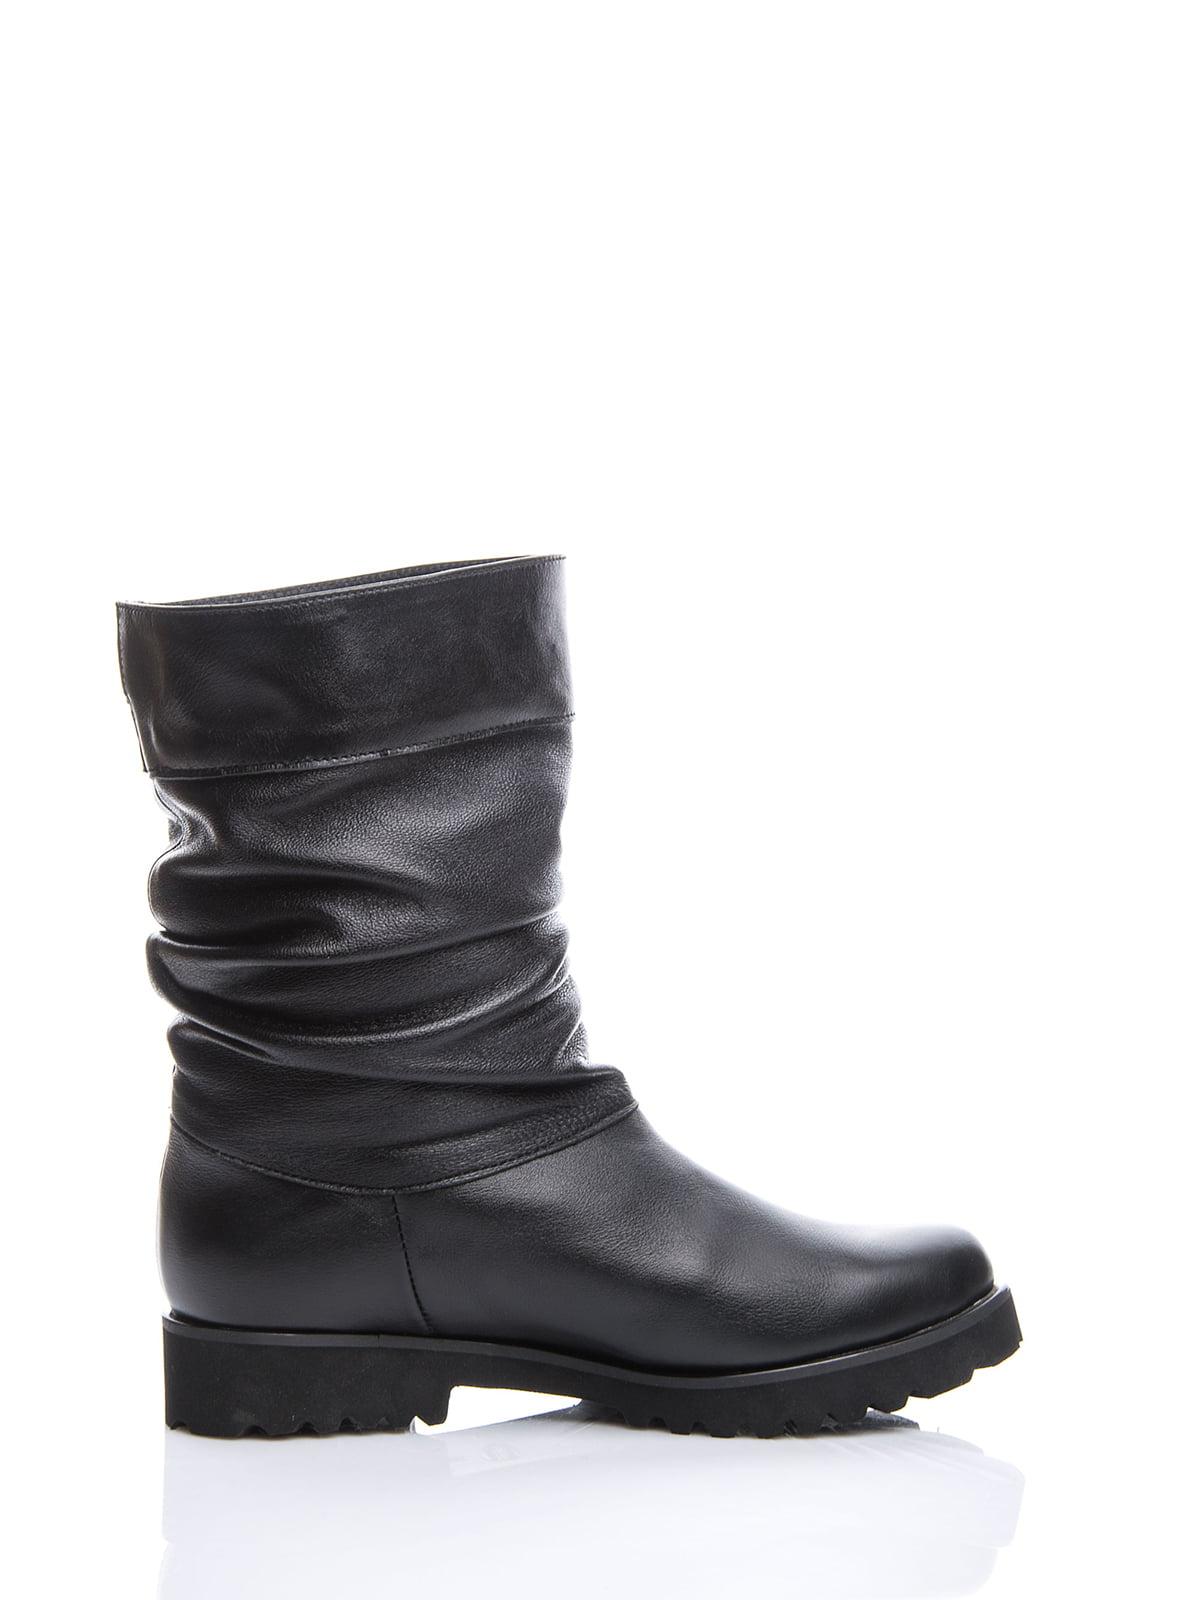 Ботинки черные   3723958   фото 4